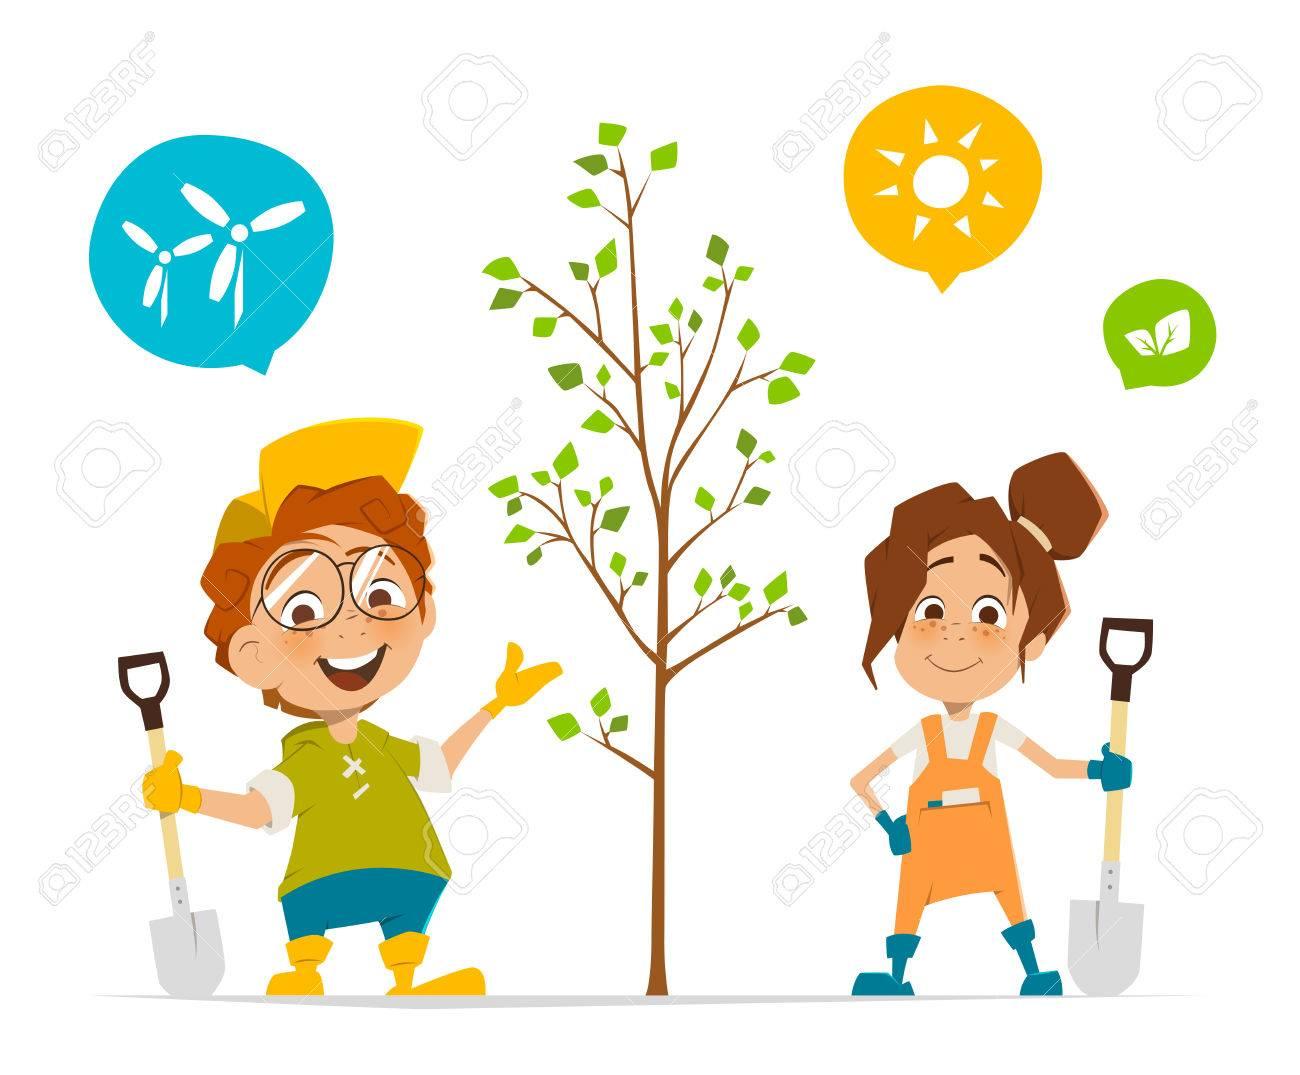 2 人の子供の男の子と女の子の木を植えることのベクトル文字イラストの